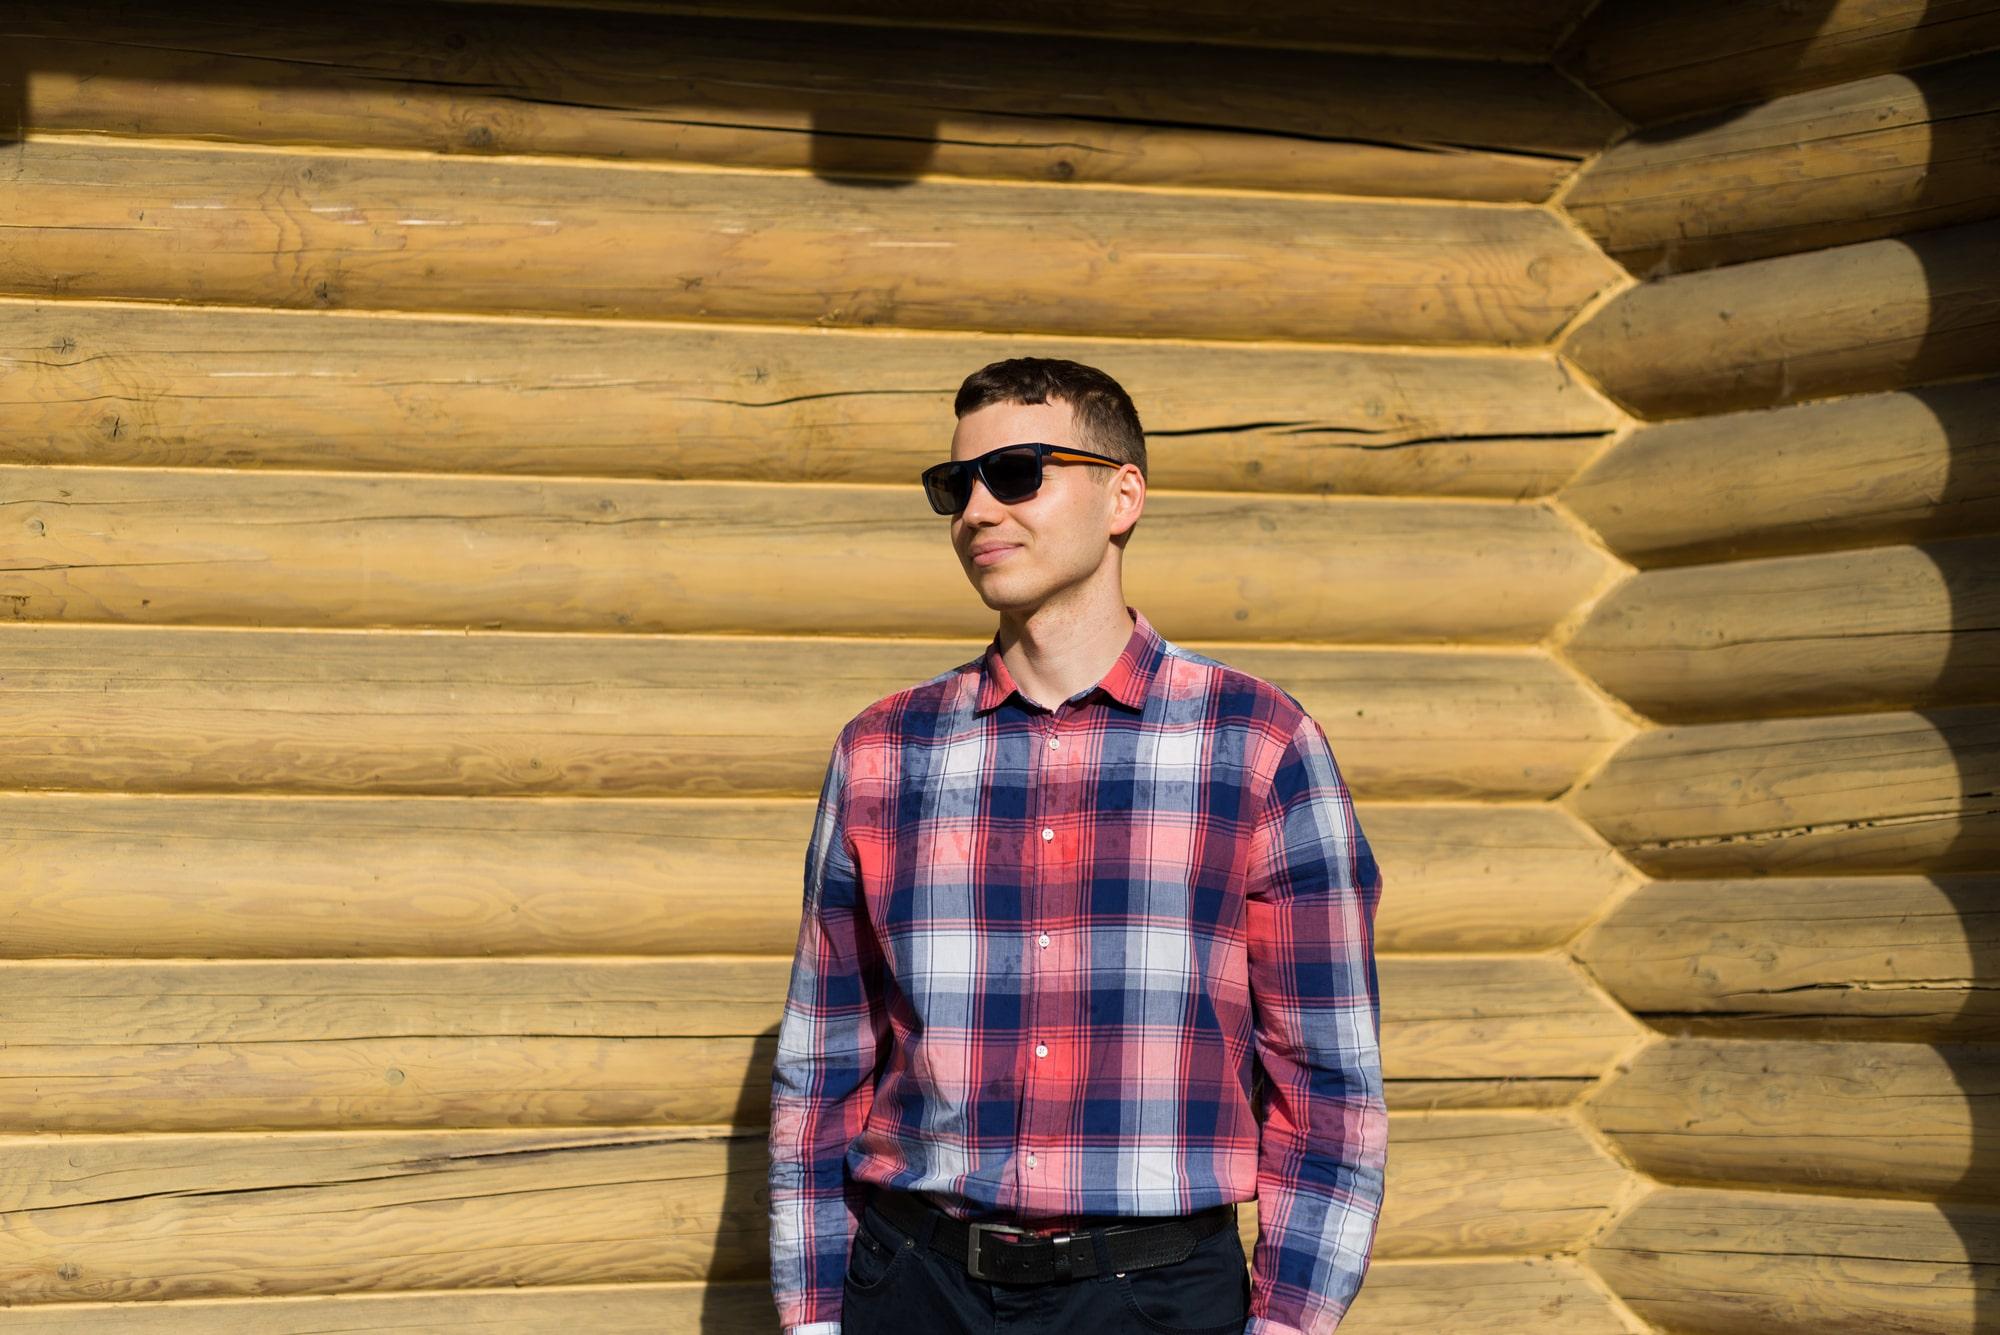 Фотосессия Love Story в Киеве - фотография парня в очках